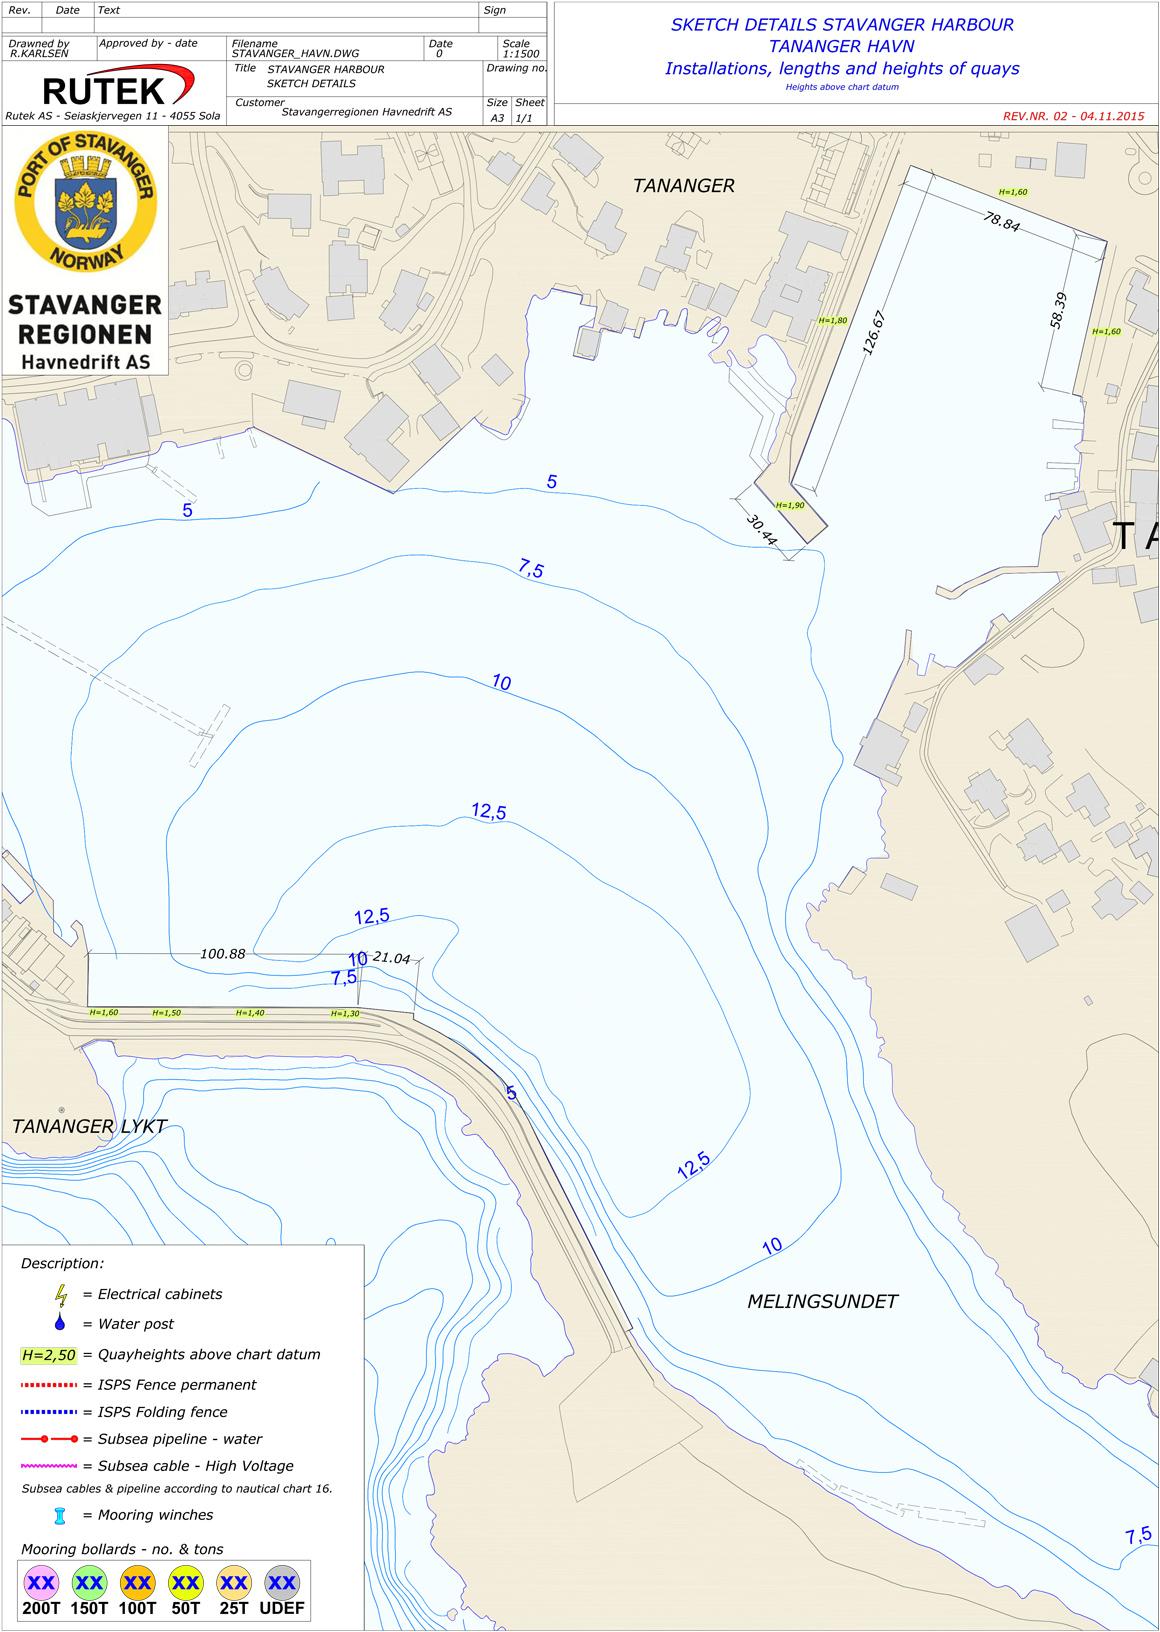 Sketch details Stavanger harbour - Tananger havn